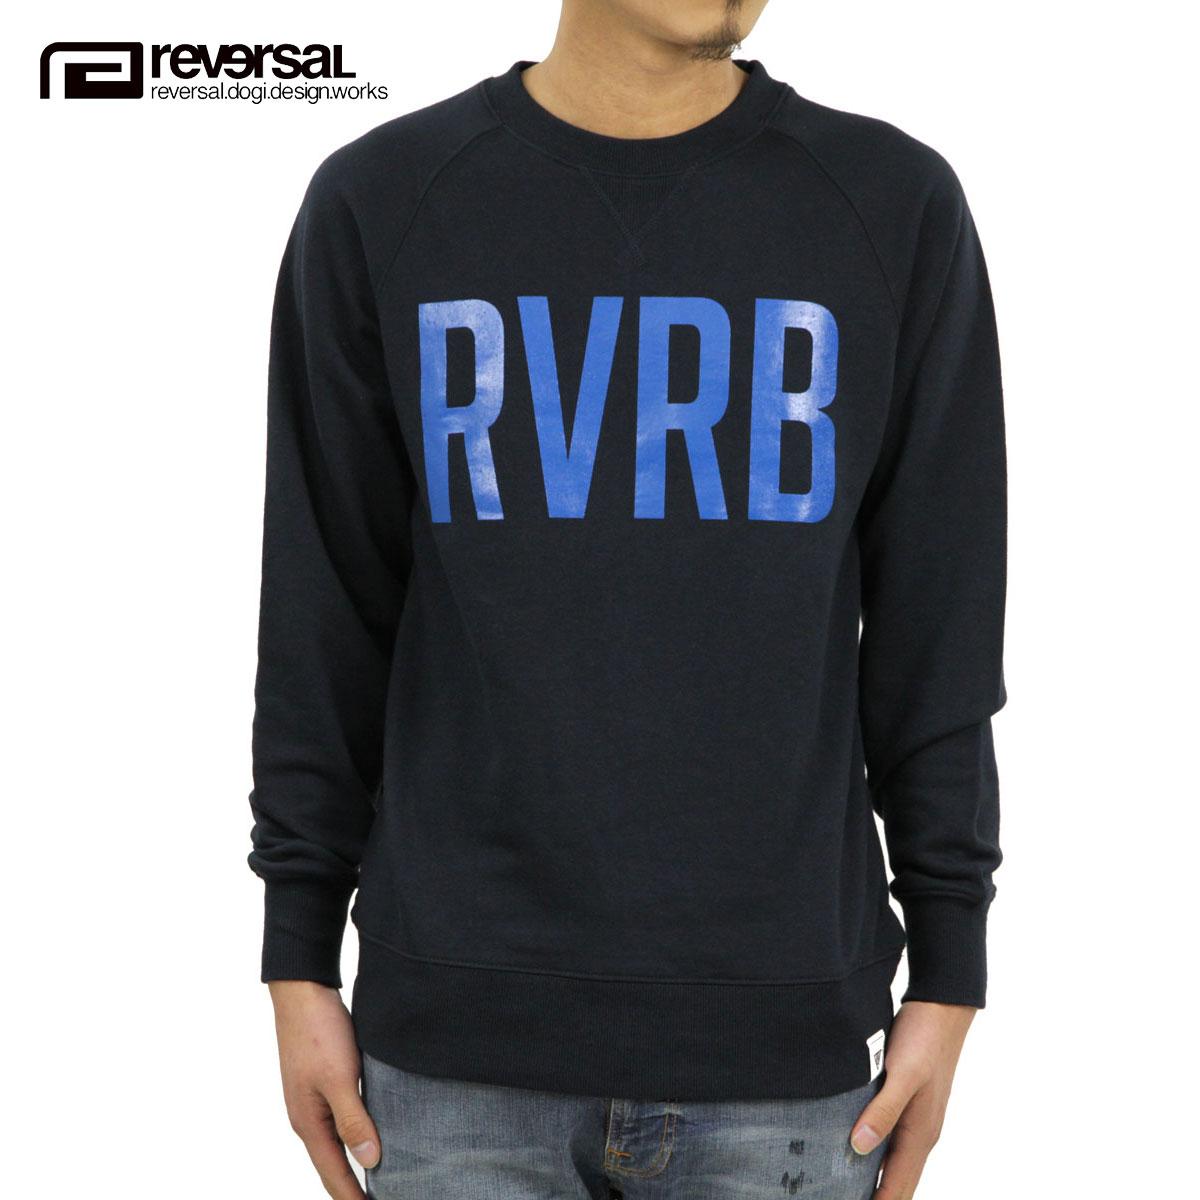 リバーサル REVERSAL 正規販売店 メンズ スウェット RVRB SWEAT CREW NECK rvsf16aw005 SURF NAVY D00S20